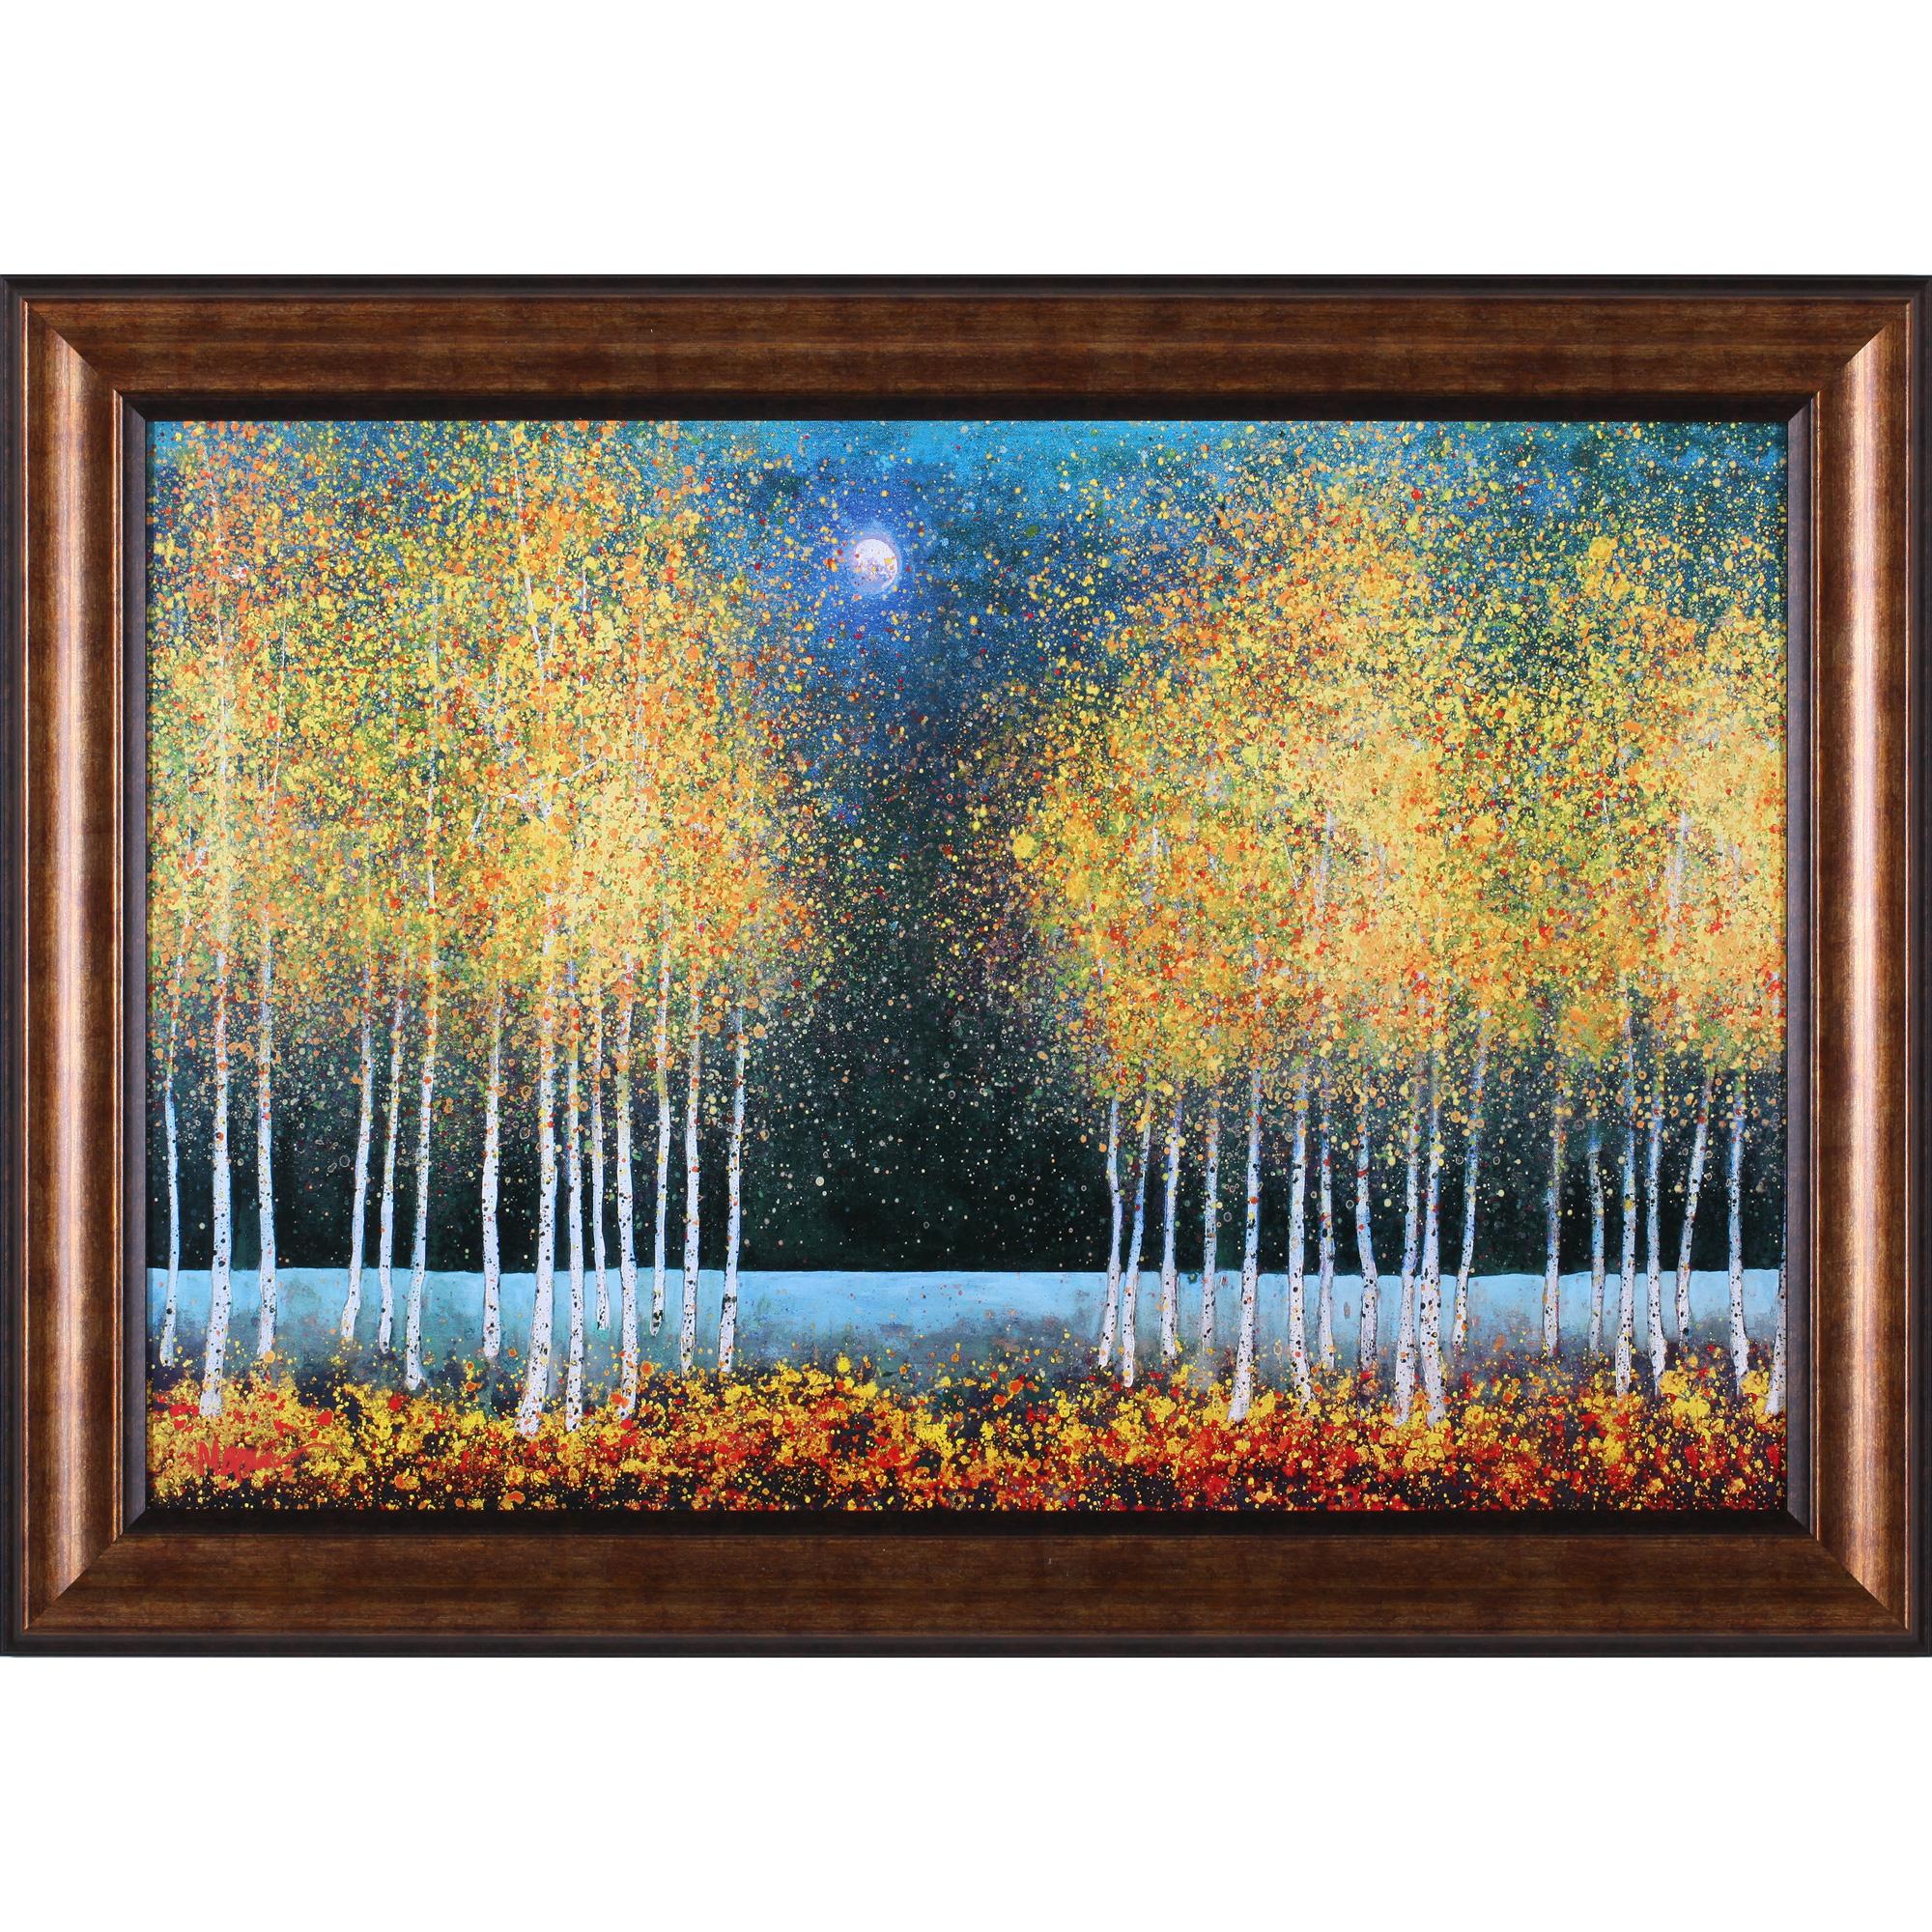 Art Effects | Blue Moon Wall Art